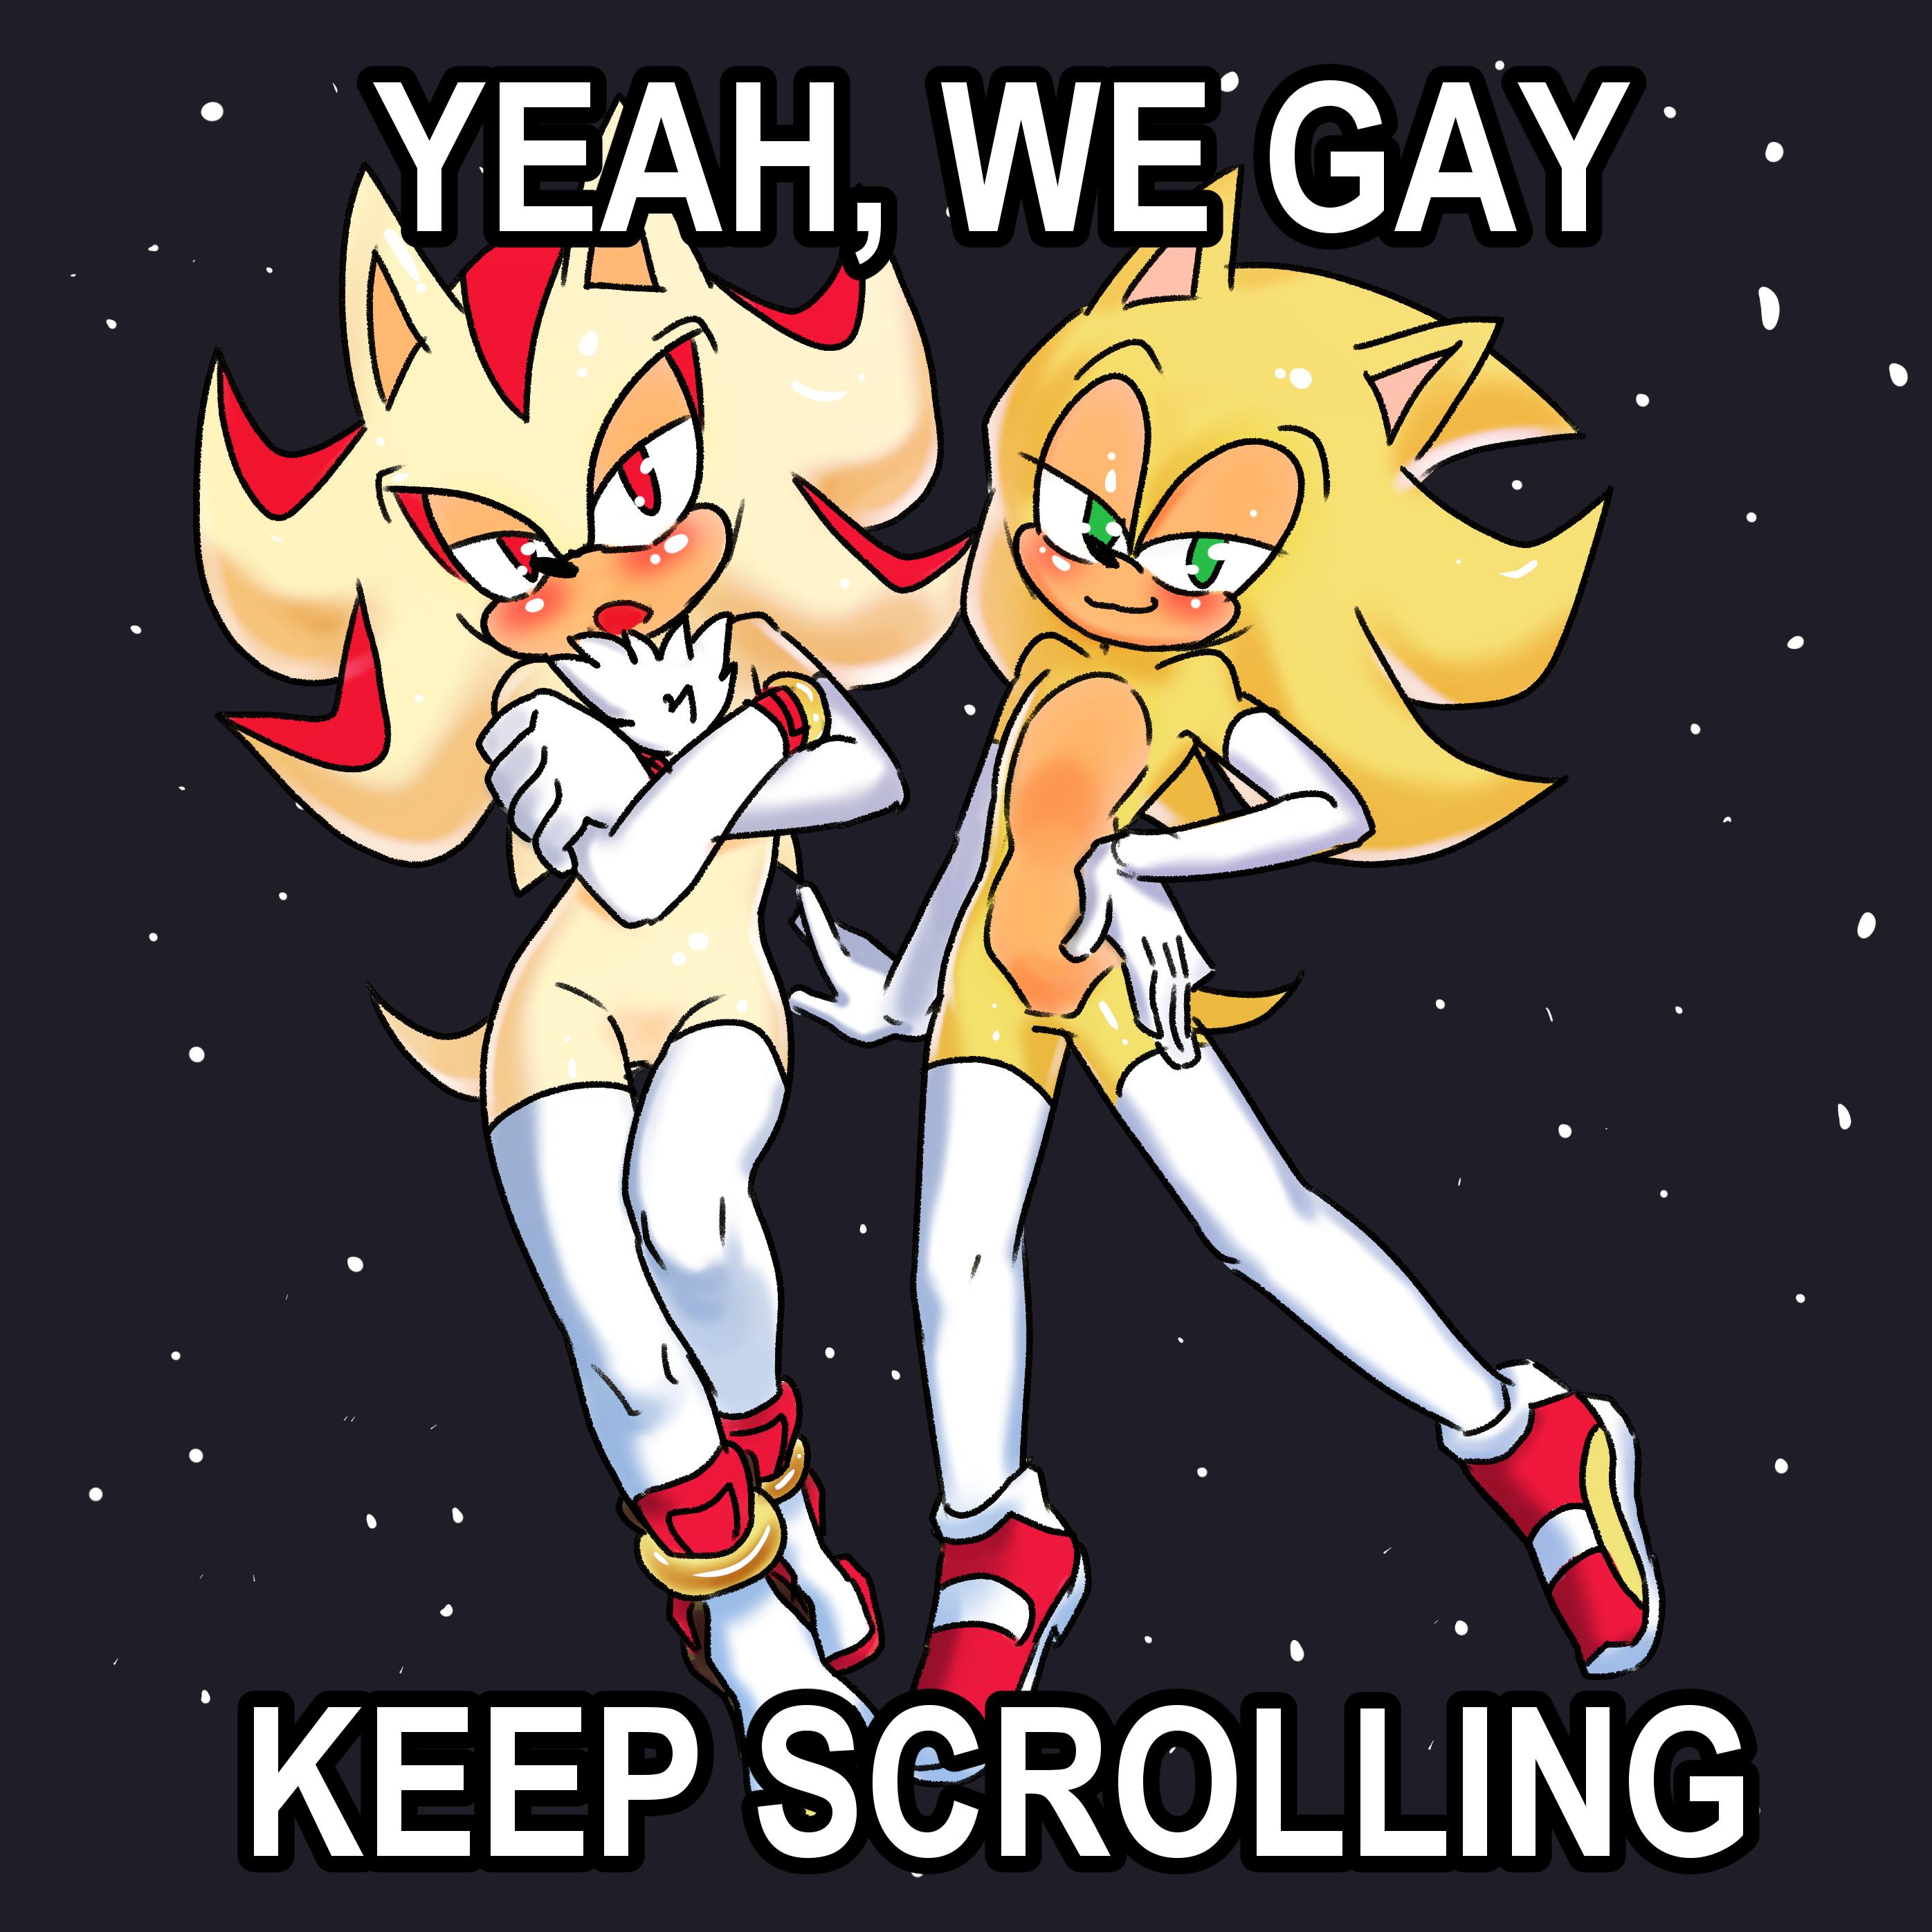 YEAH WE GAY